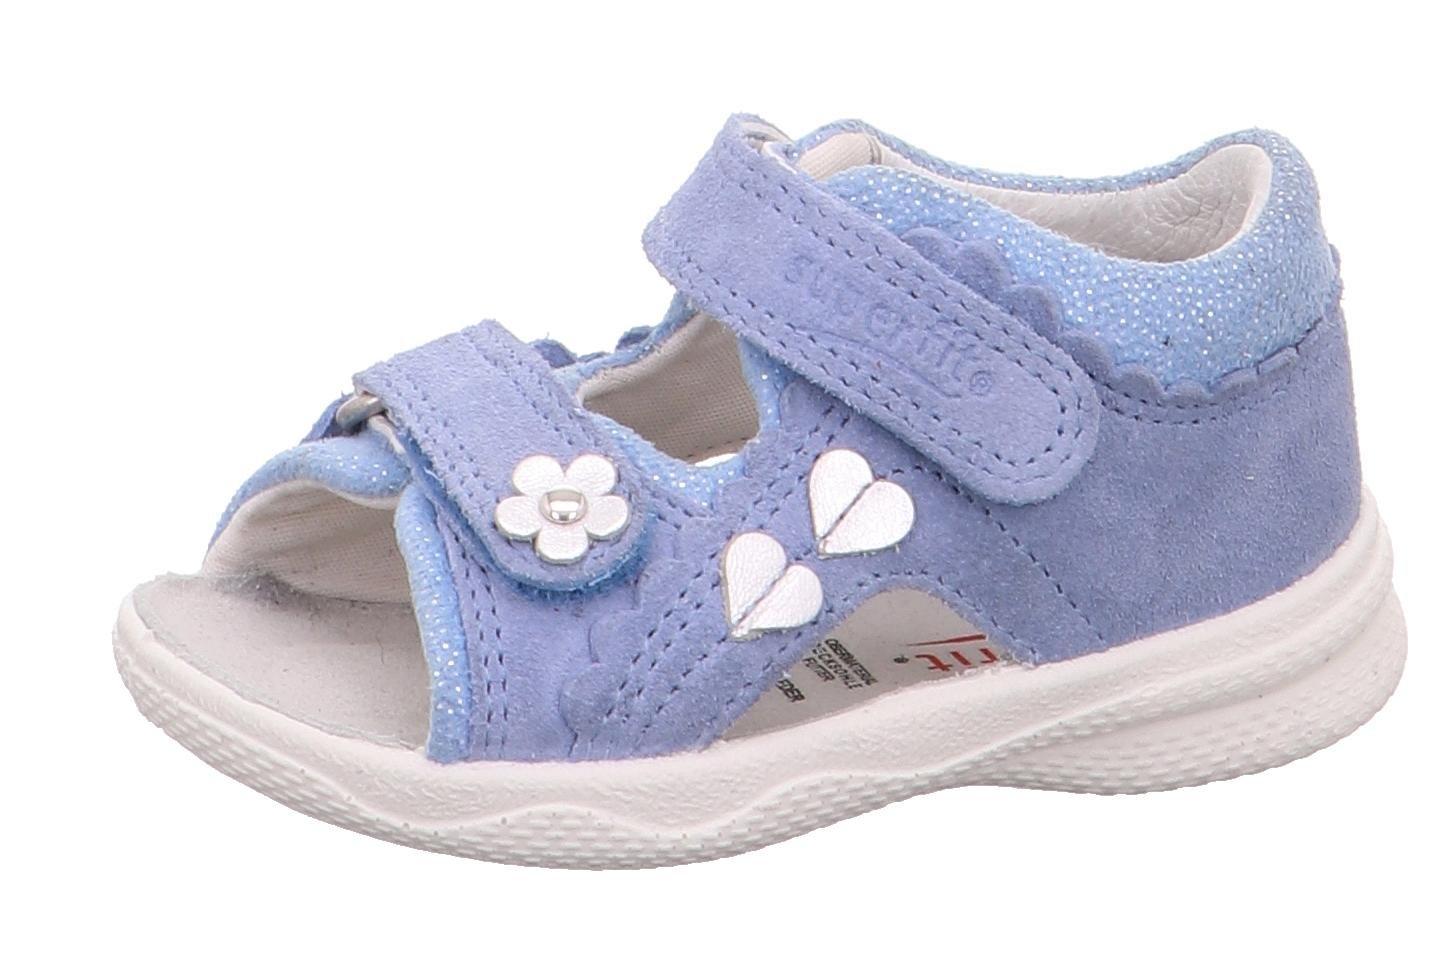 Superfit sandalen »Polly« goedkoop op otto.nl kopen